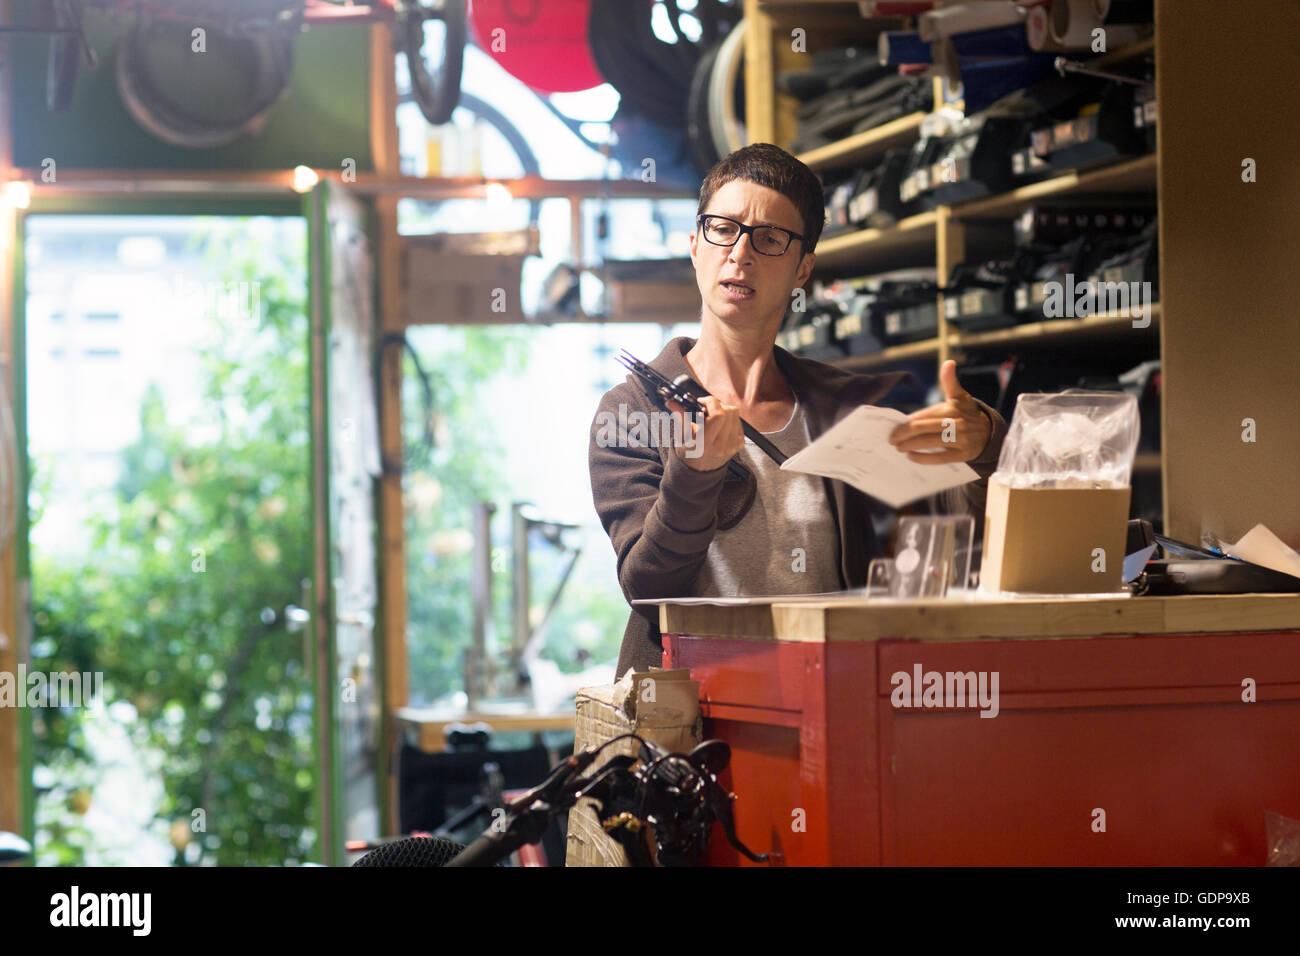 Donna al contatore in officina biciclette azienda parte bici e documenti Immagini Stock